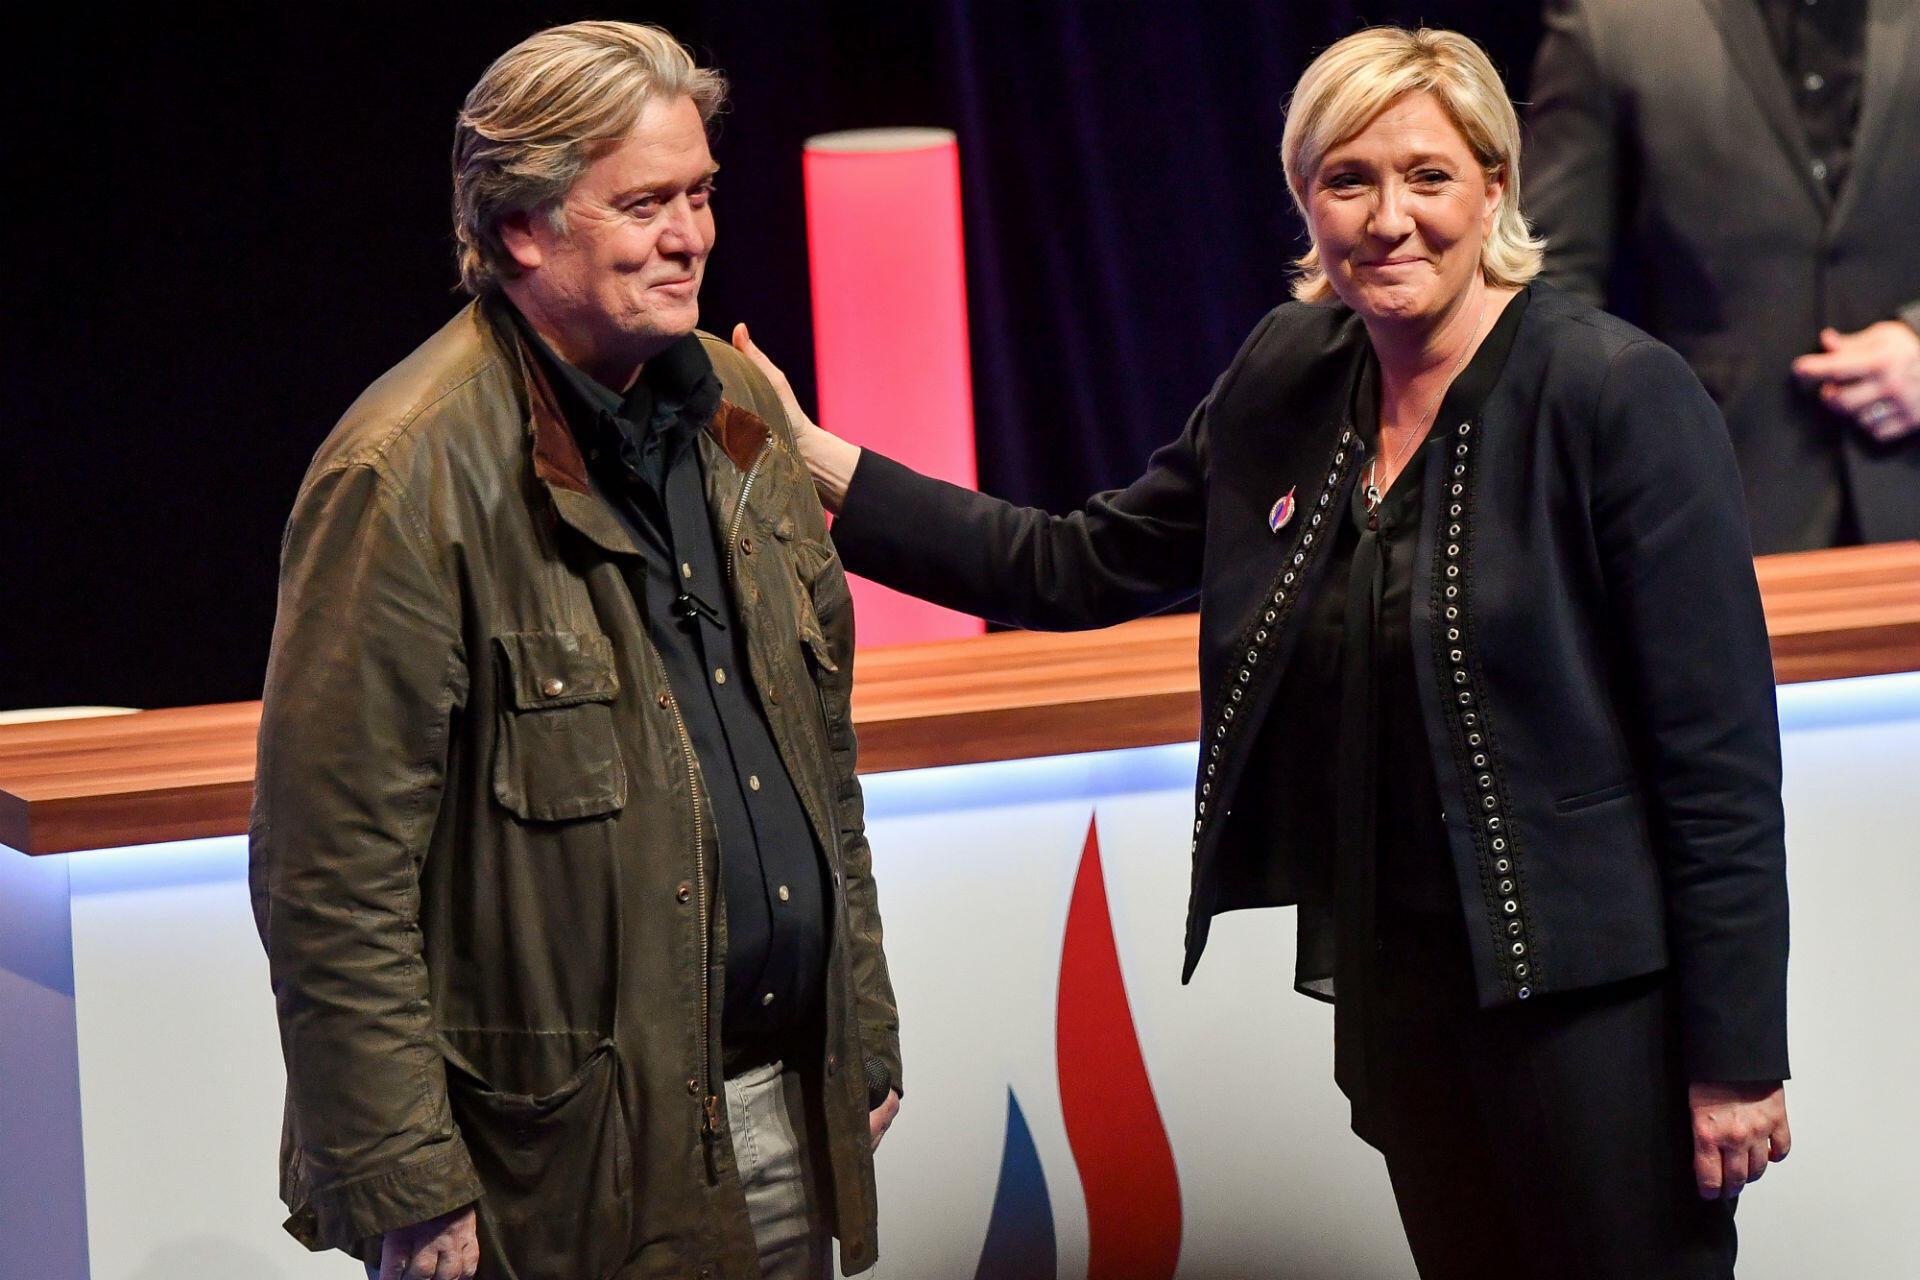 """Après une année 2017 difficile, Marine Le Pen tente de se relancer lors du congrès de son parti en mars. Pour définitivement tourner la page Jean-Marie Le Pen et achever la """"normalisation"""" du parti, elle annonce le changement de nom du Front national en Rassemblement national. Mais la présence à Lille du sulfureux Steve Bannon, ancien conseiller de Donald Trump, fait tache."""